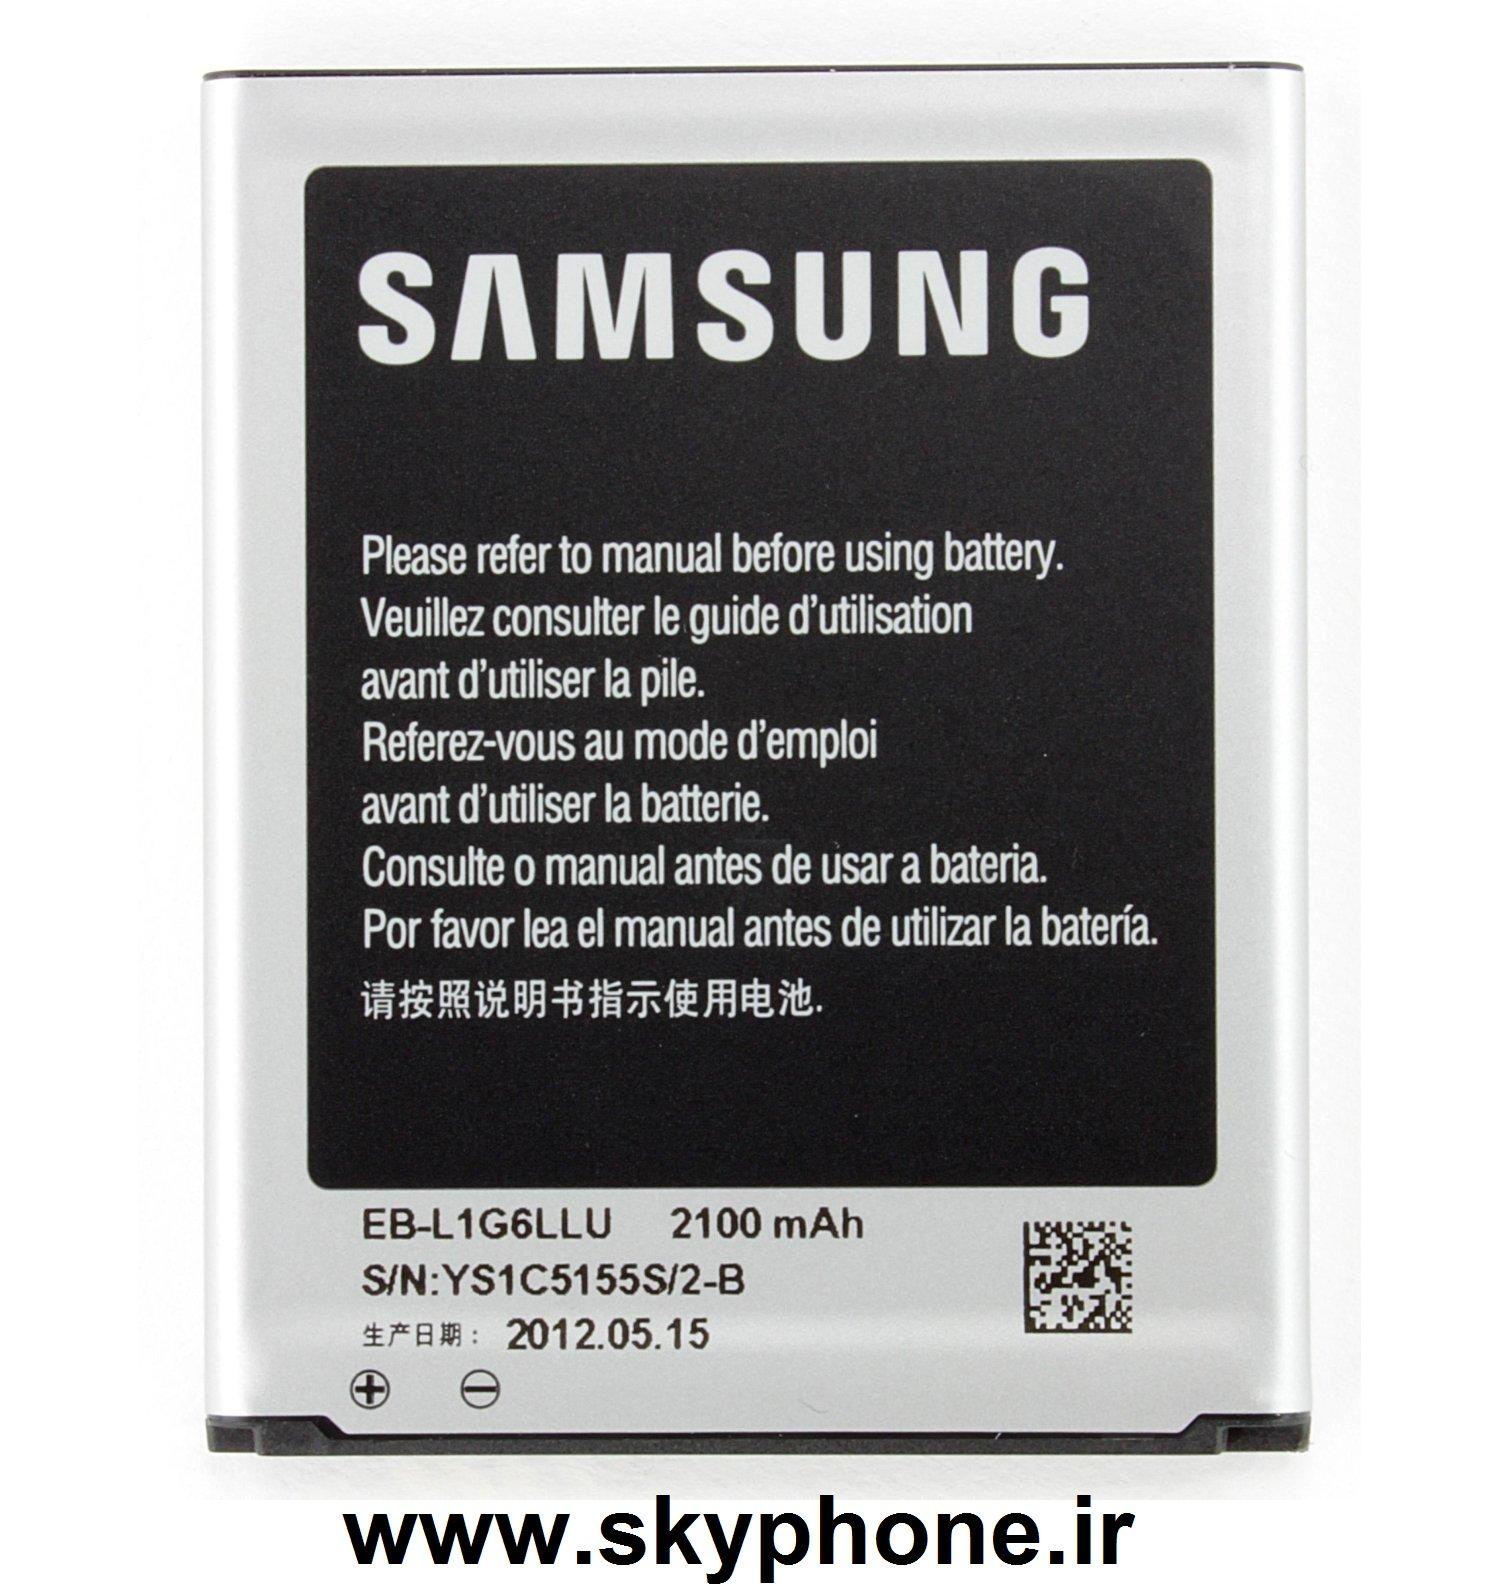 قیمت خرید باطری اصلی سامسونگ گلکسی Galaxy S3 I9300